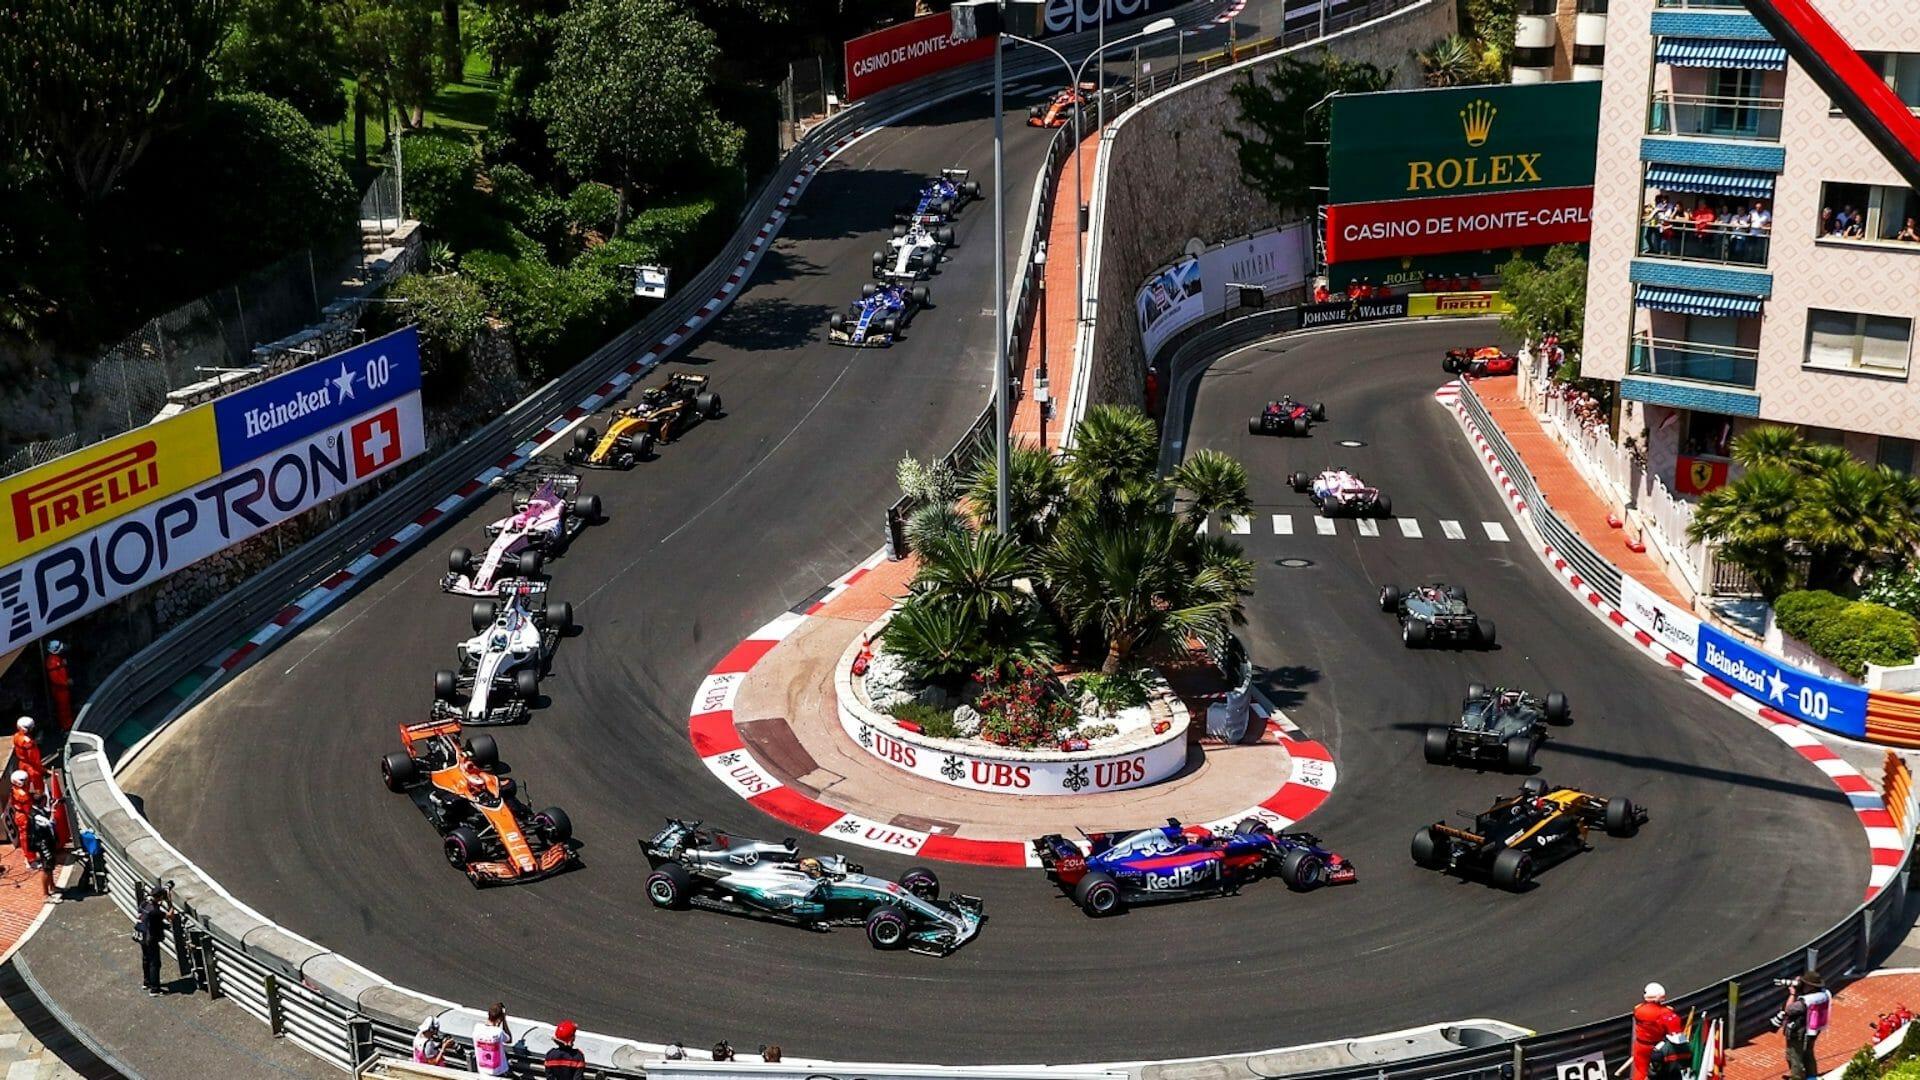 Les 8 choses à savoir sur le Grand-Prix de Monaco